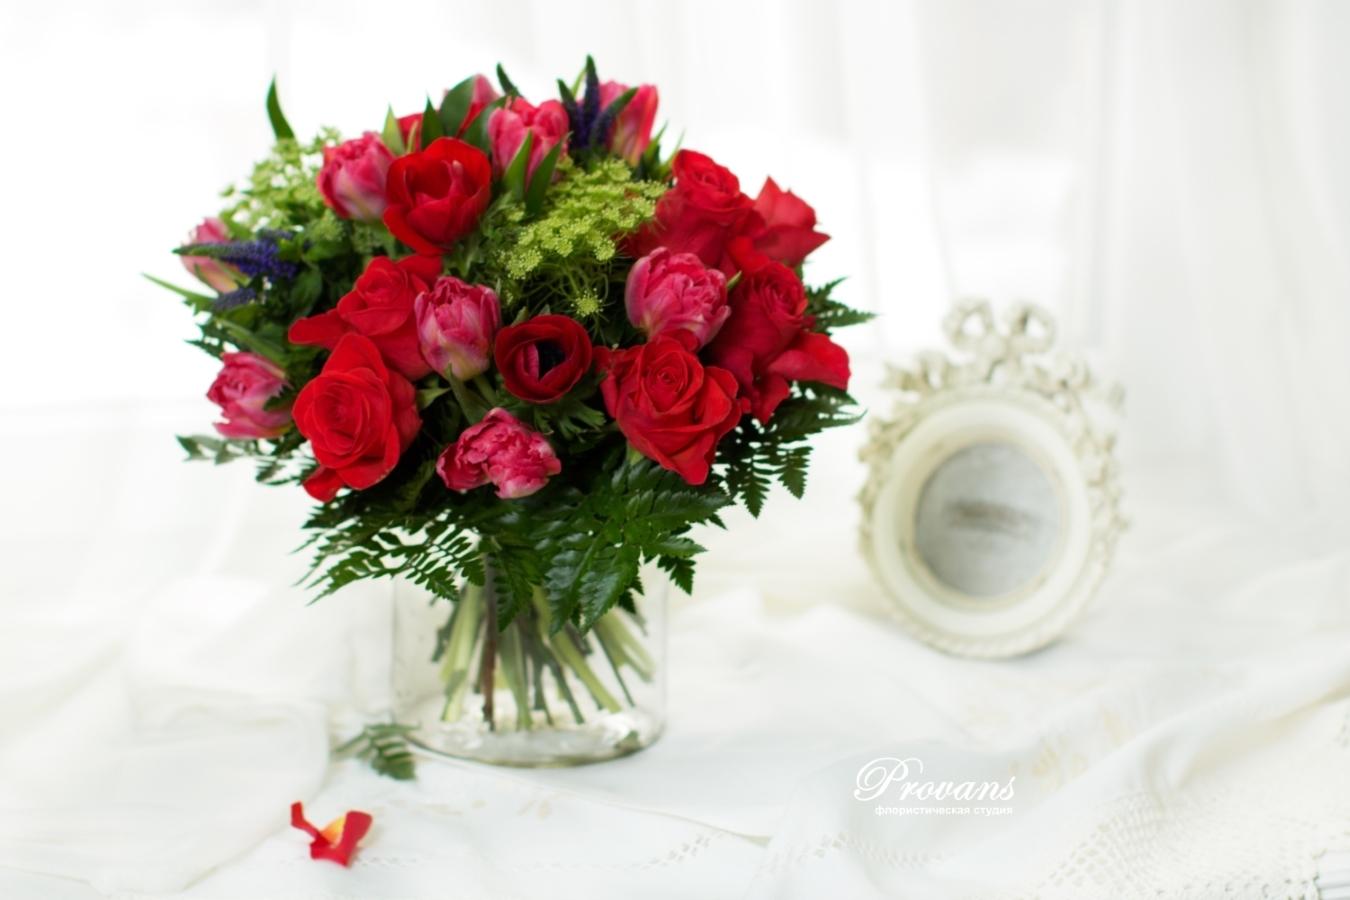 Букет Испанская страсть. Цветы: тюльпаны, розы.